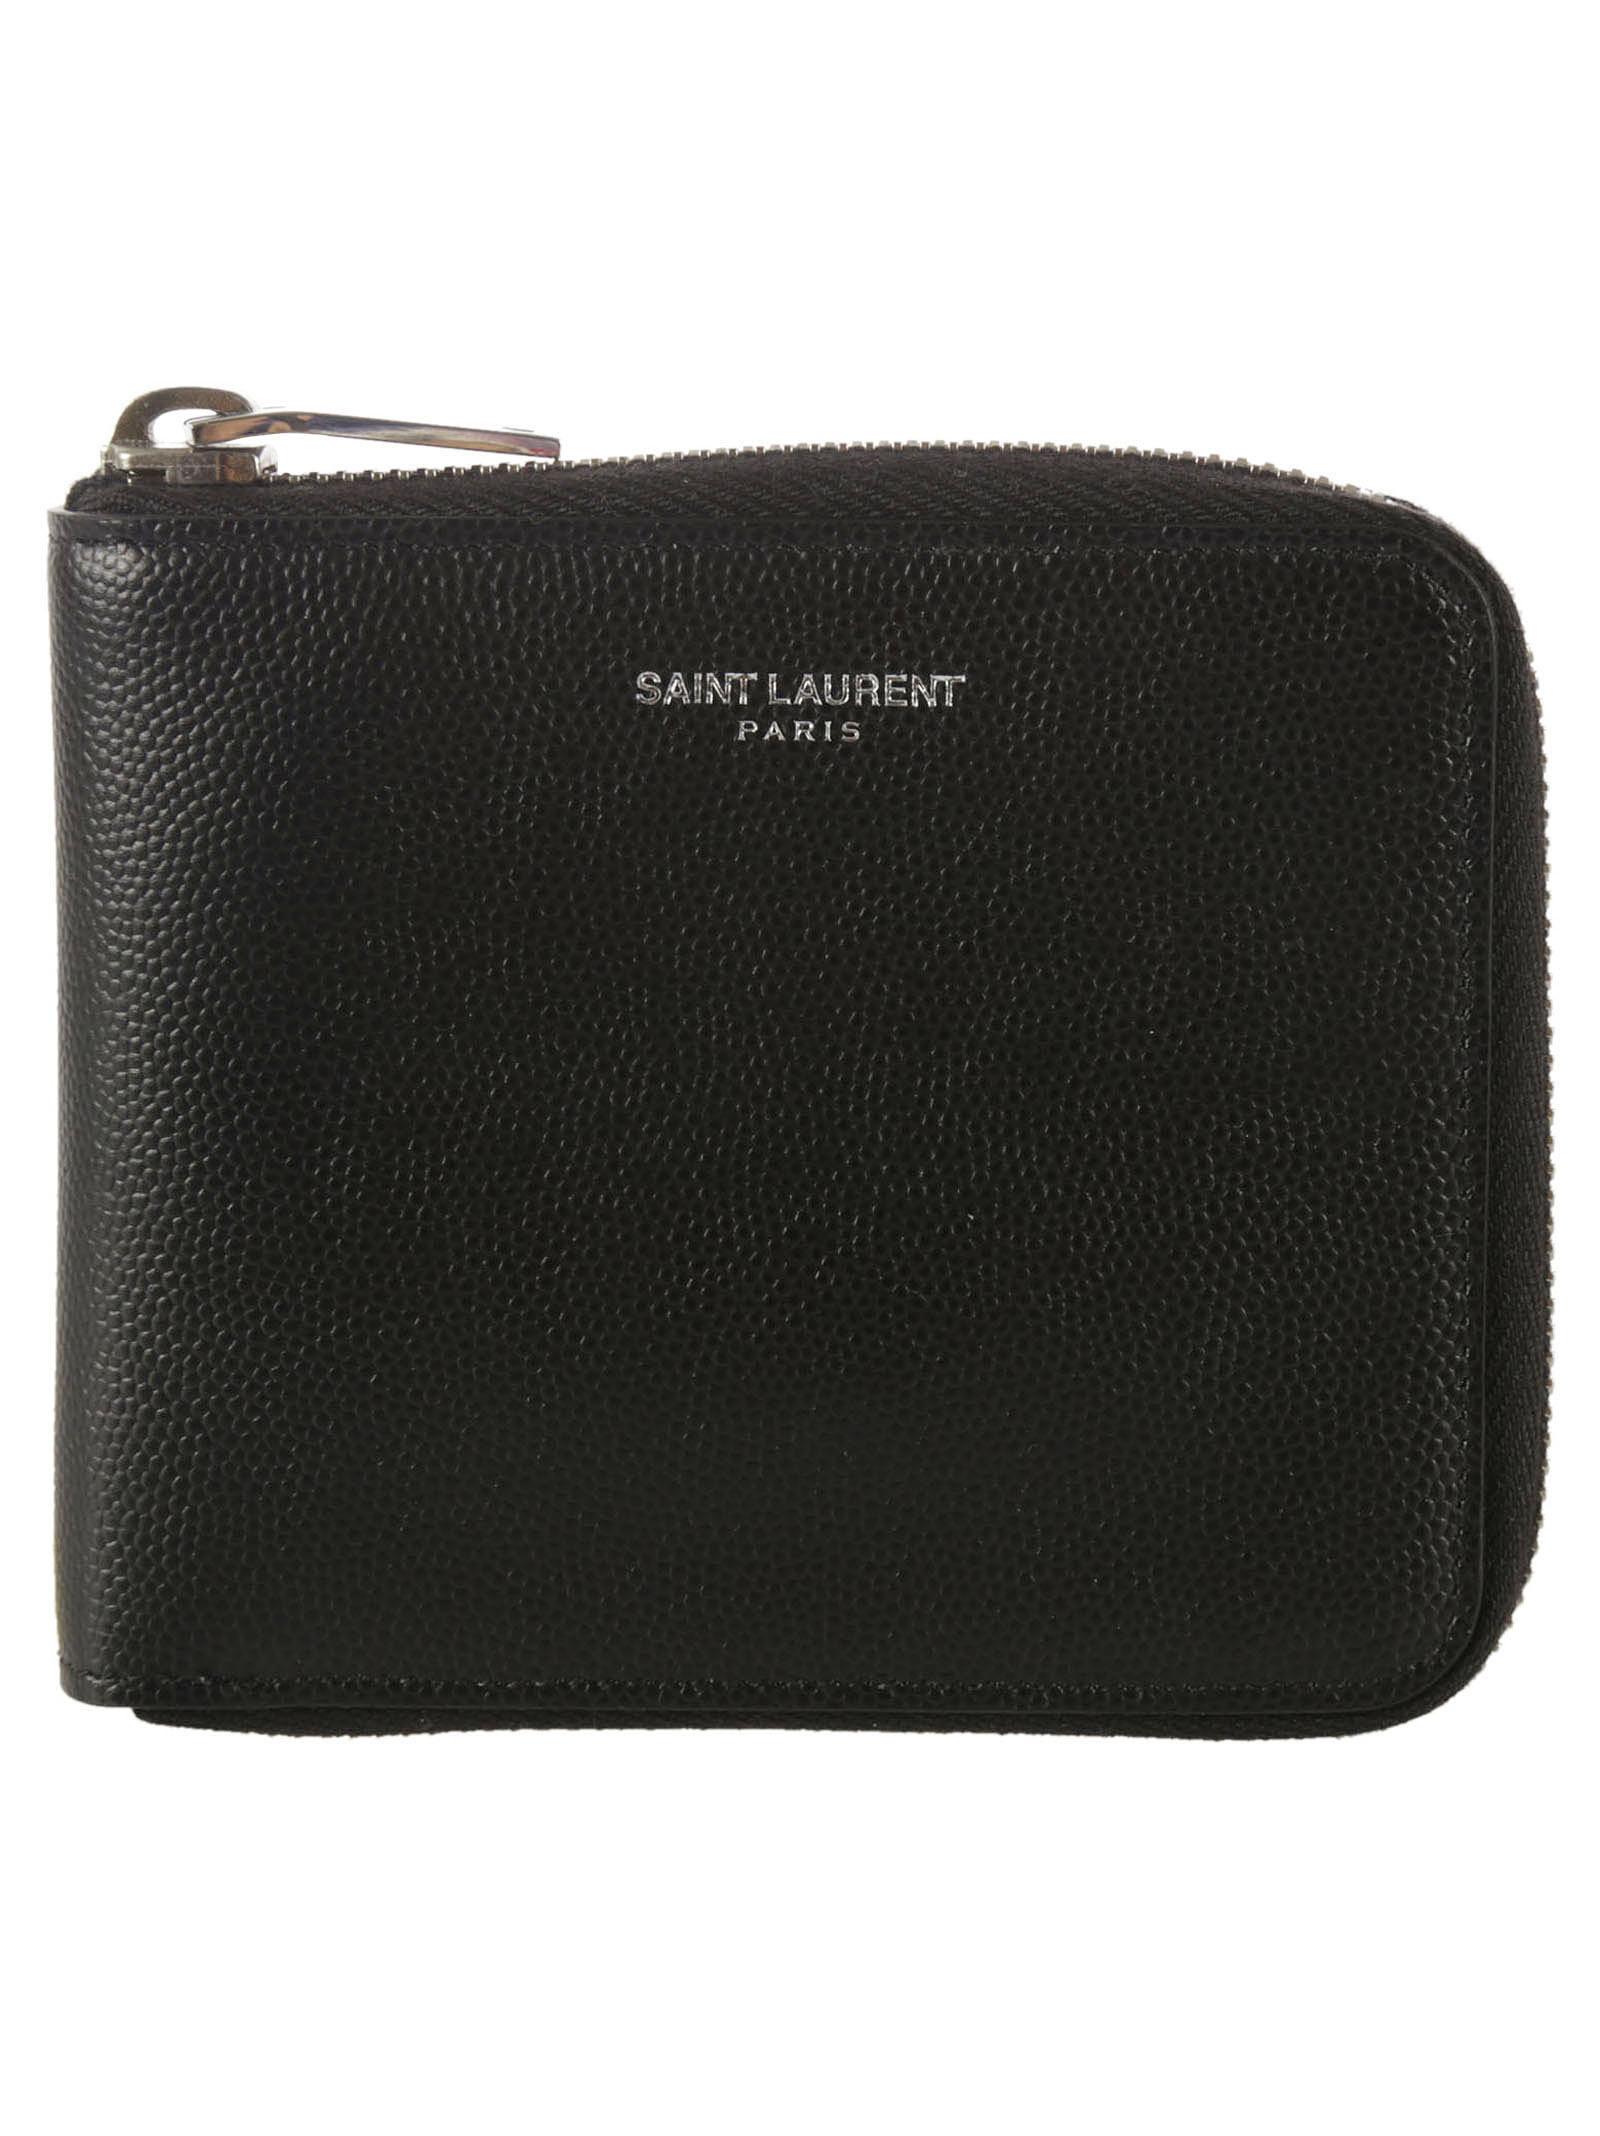 Saint Laurent Zip Card Holder